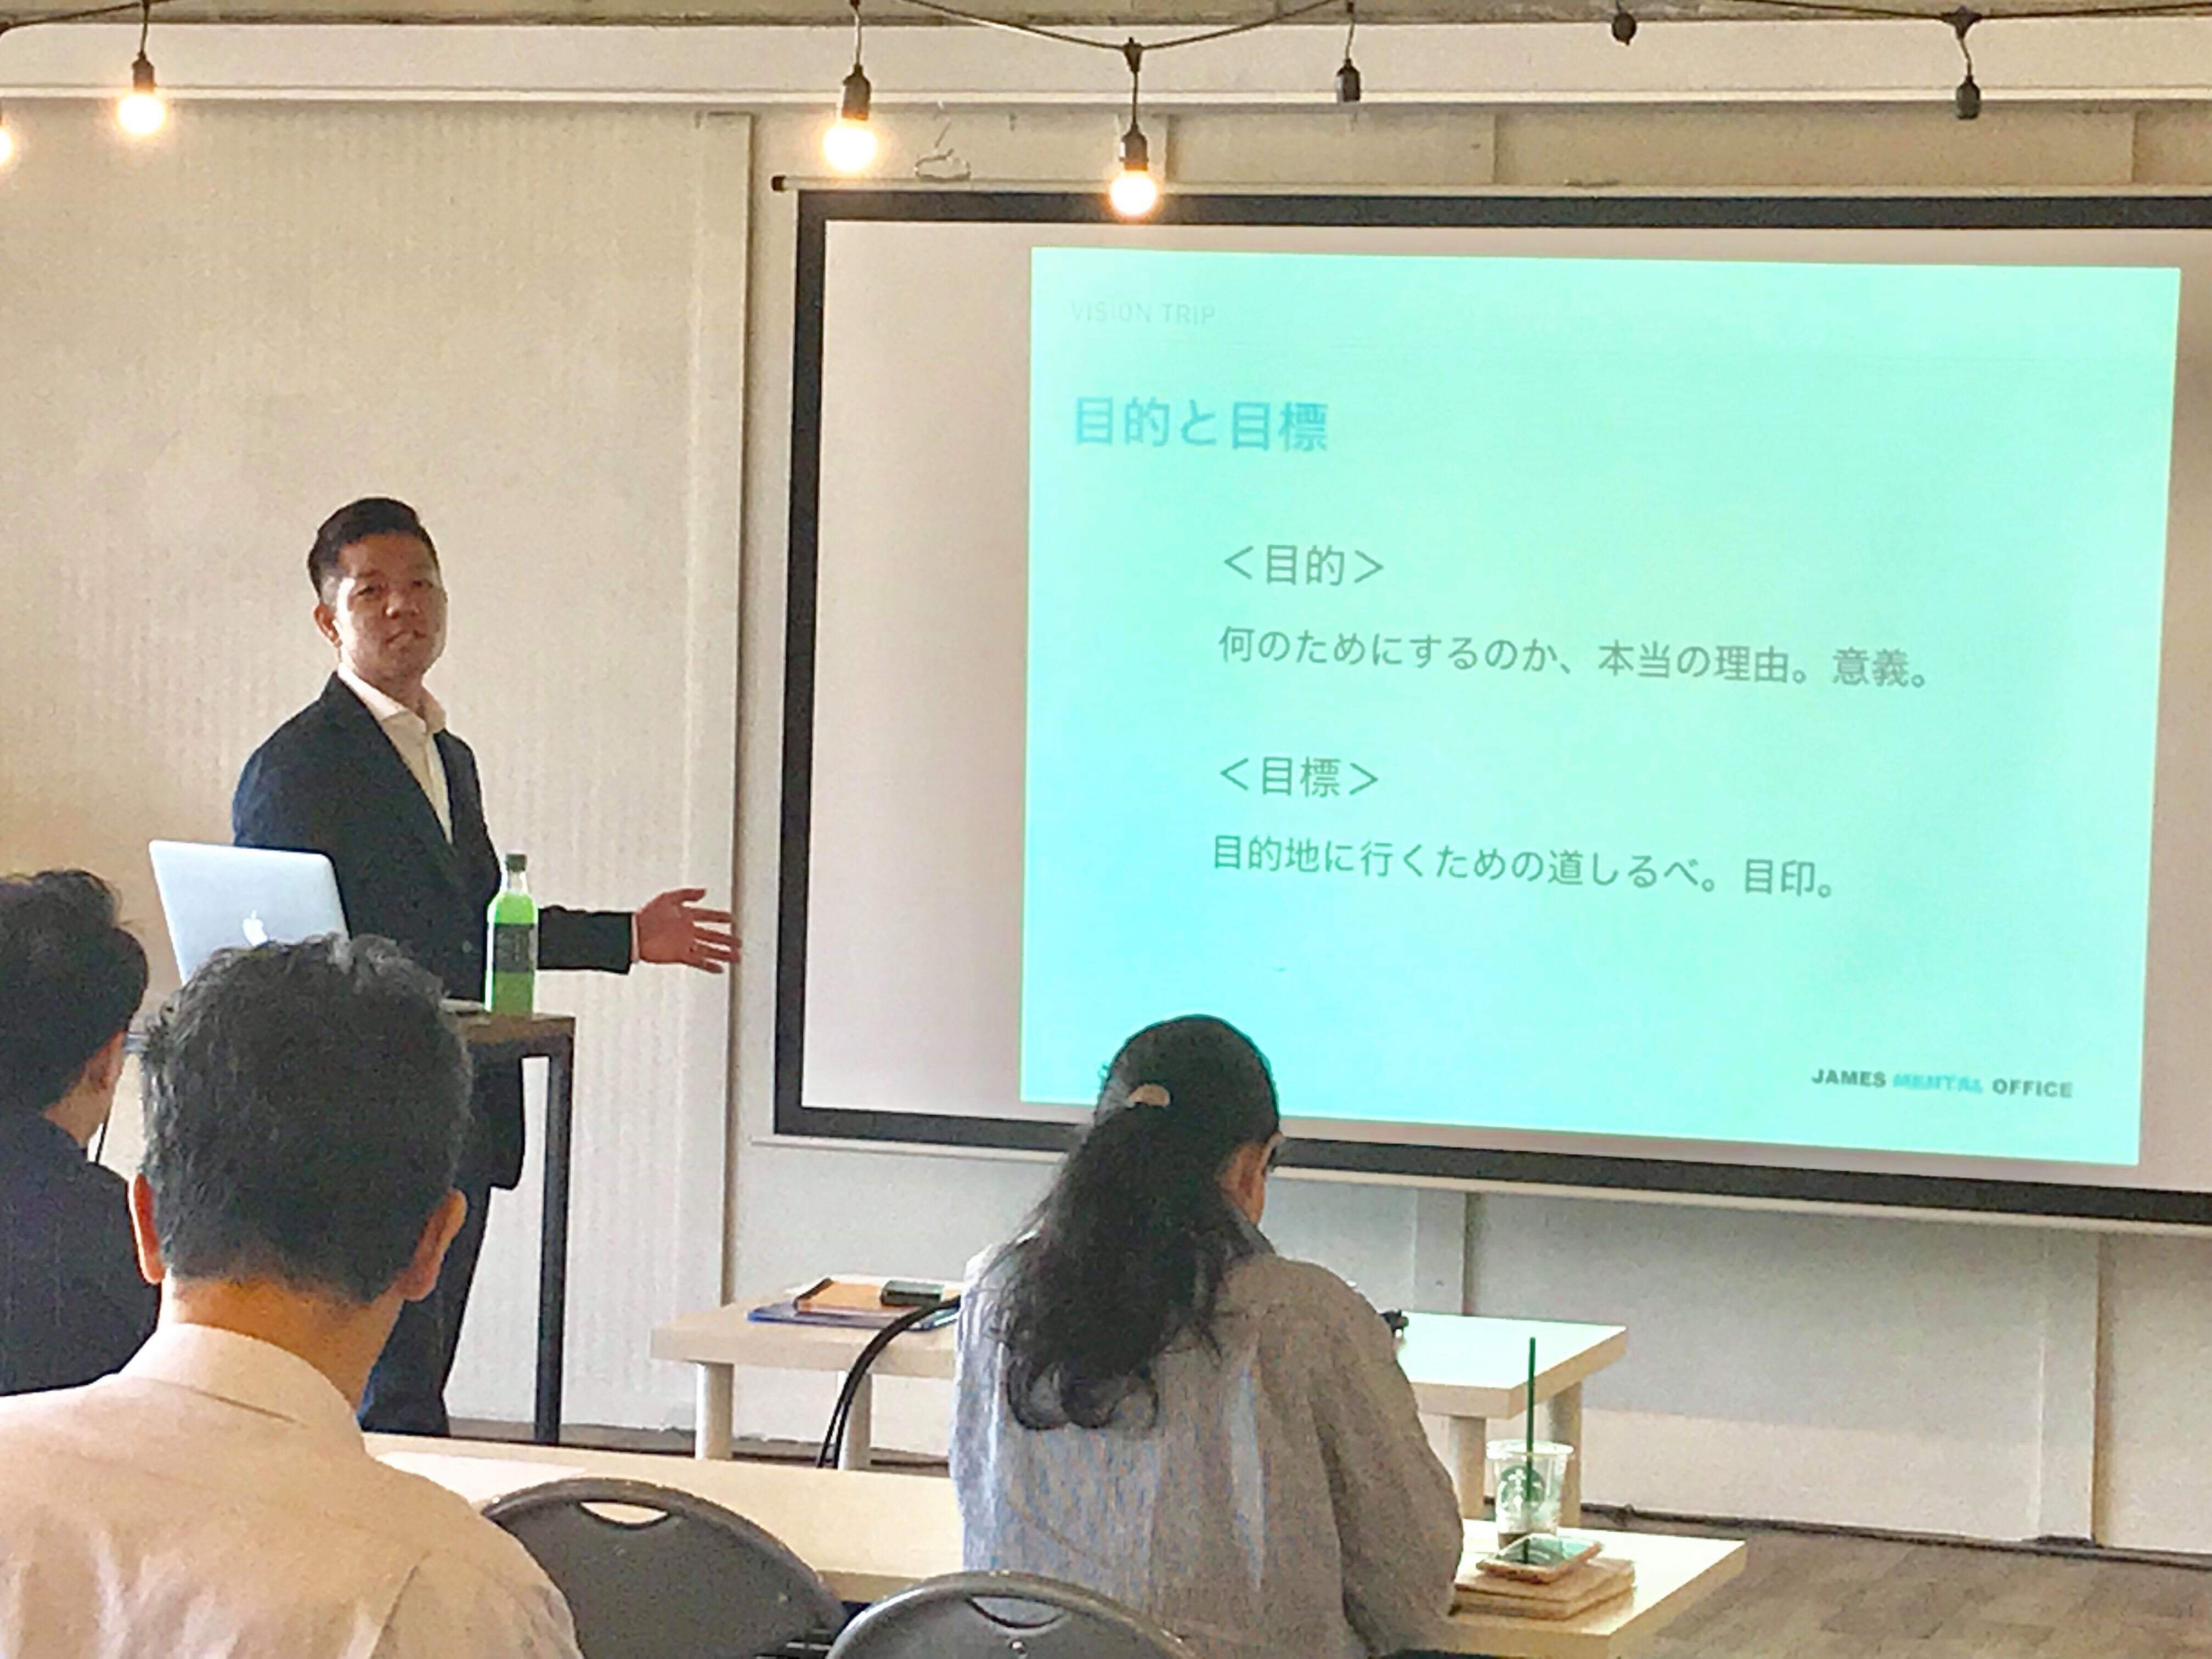 ビジョントリップセミナー開催しました。2019年9月25日